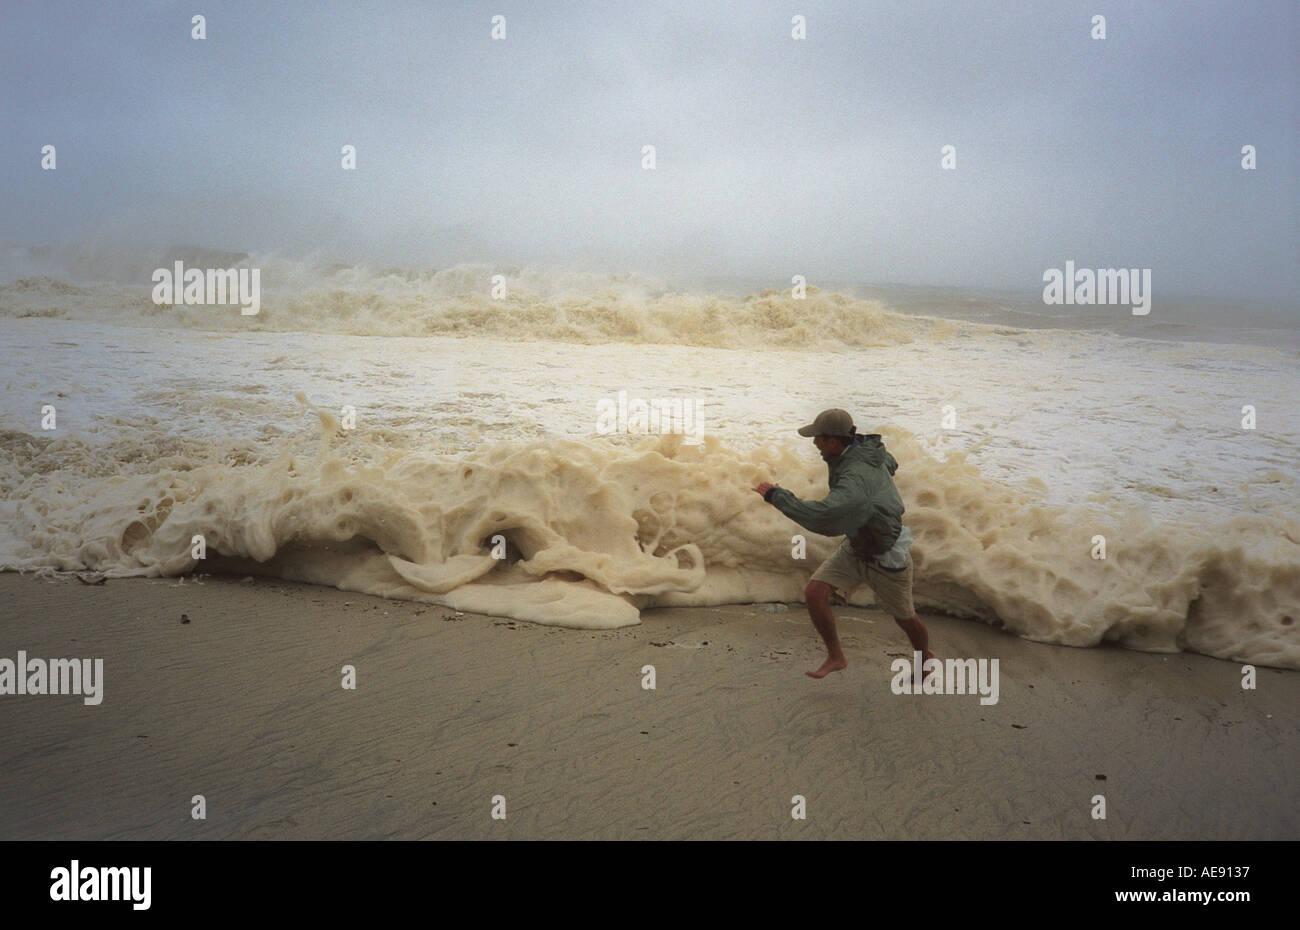 Mann läuft vor Annäherung an Welle, verursacht durch den Hurrikan Ignacio Baja California Mexiko Modell veröffentlicht Bild Stockbild